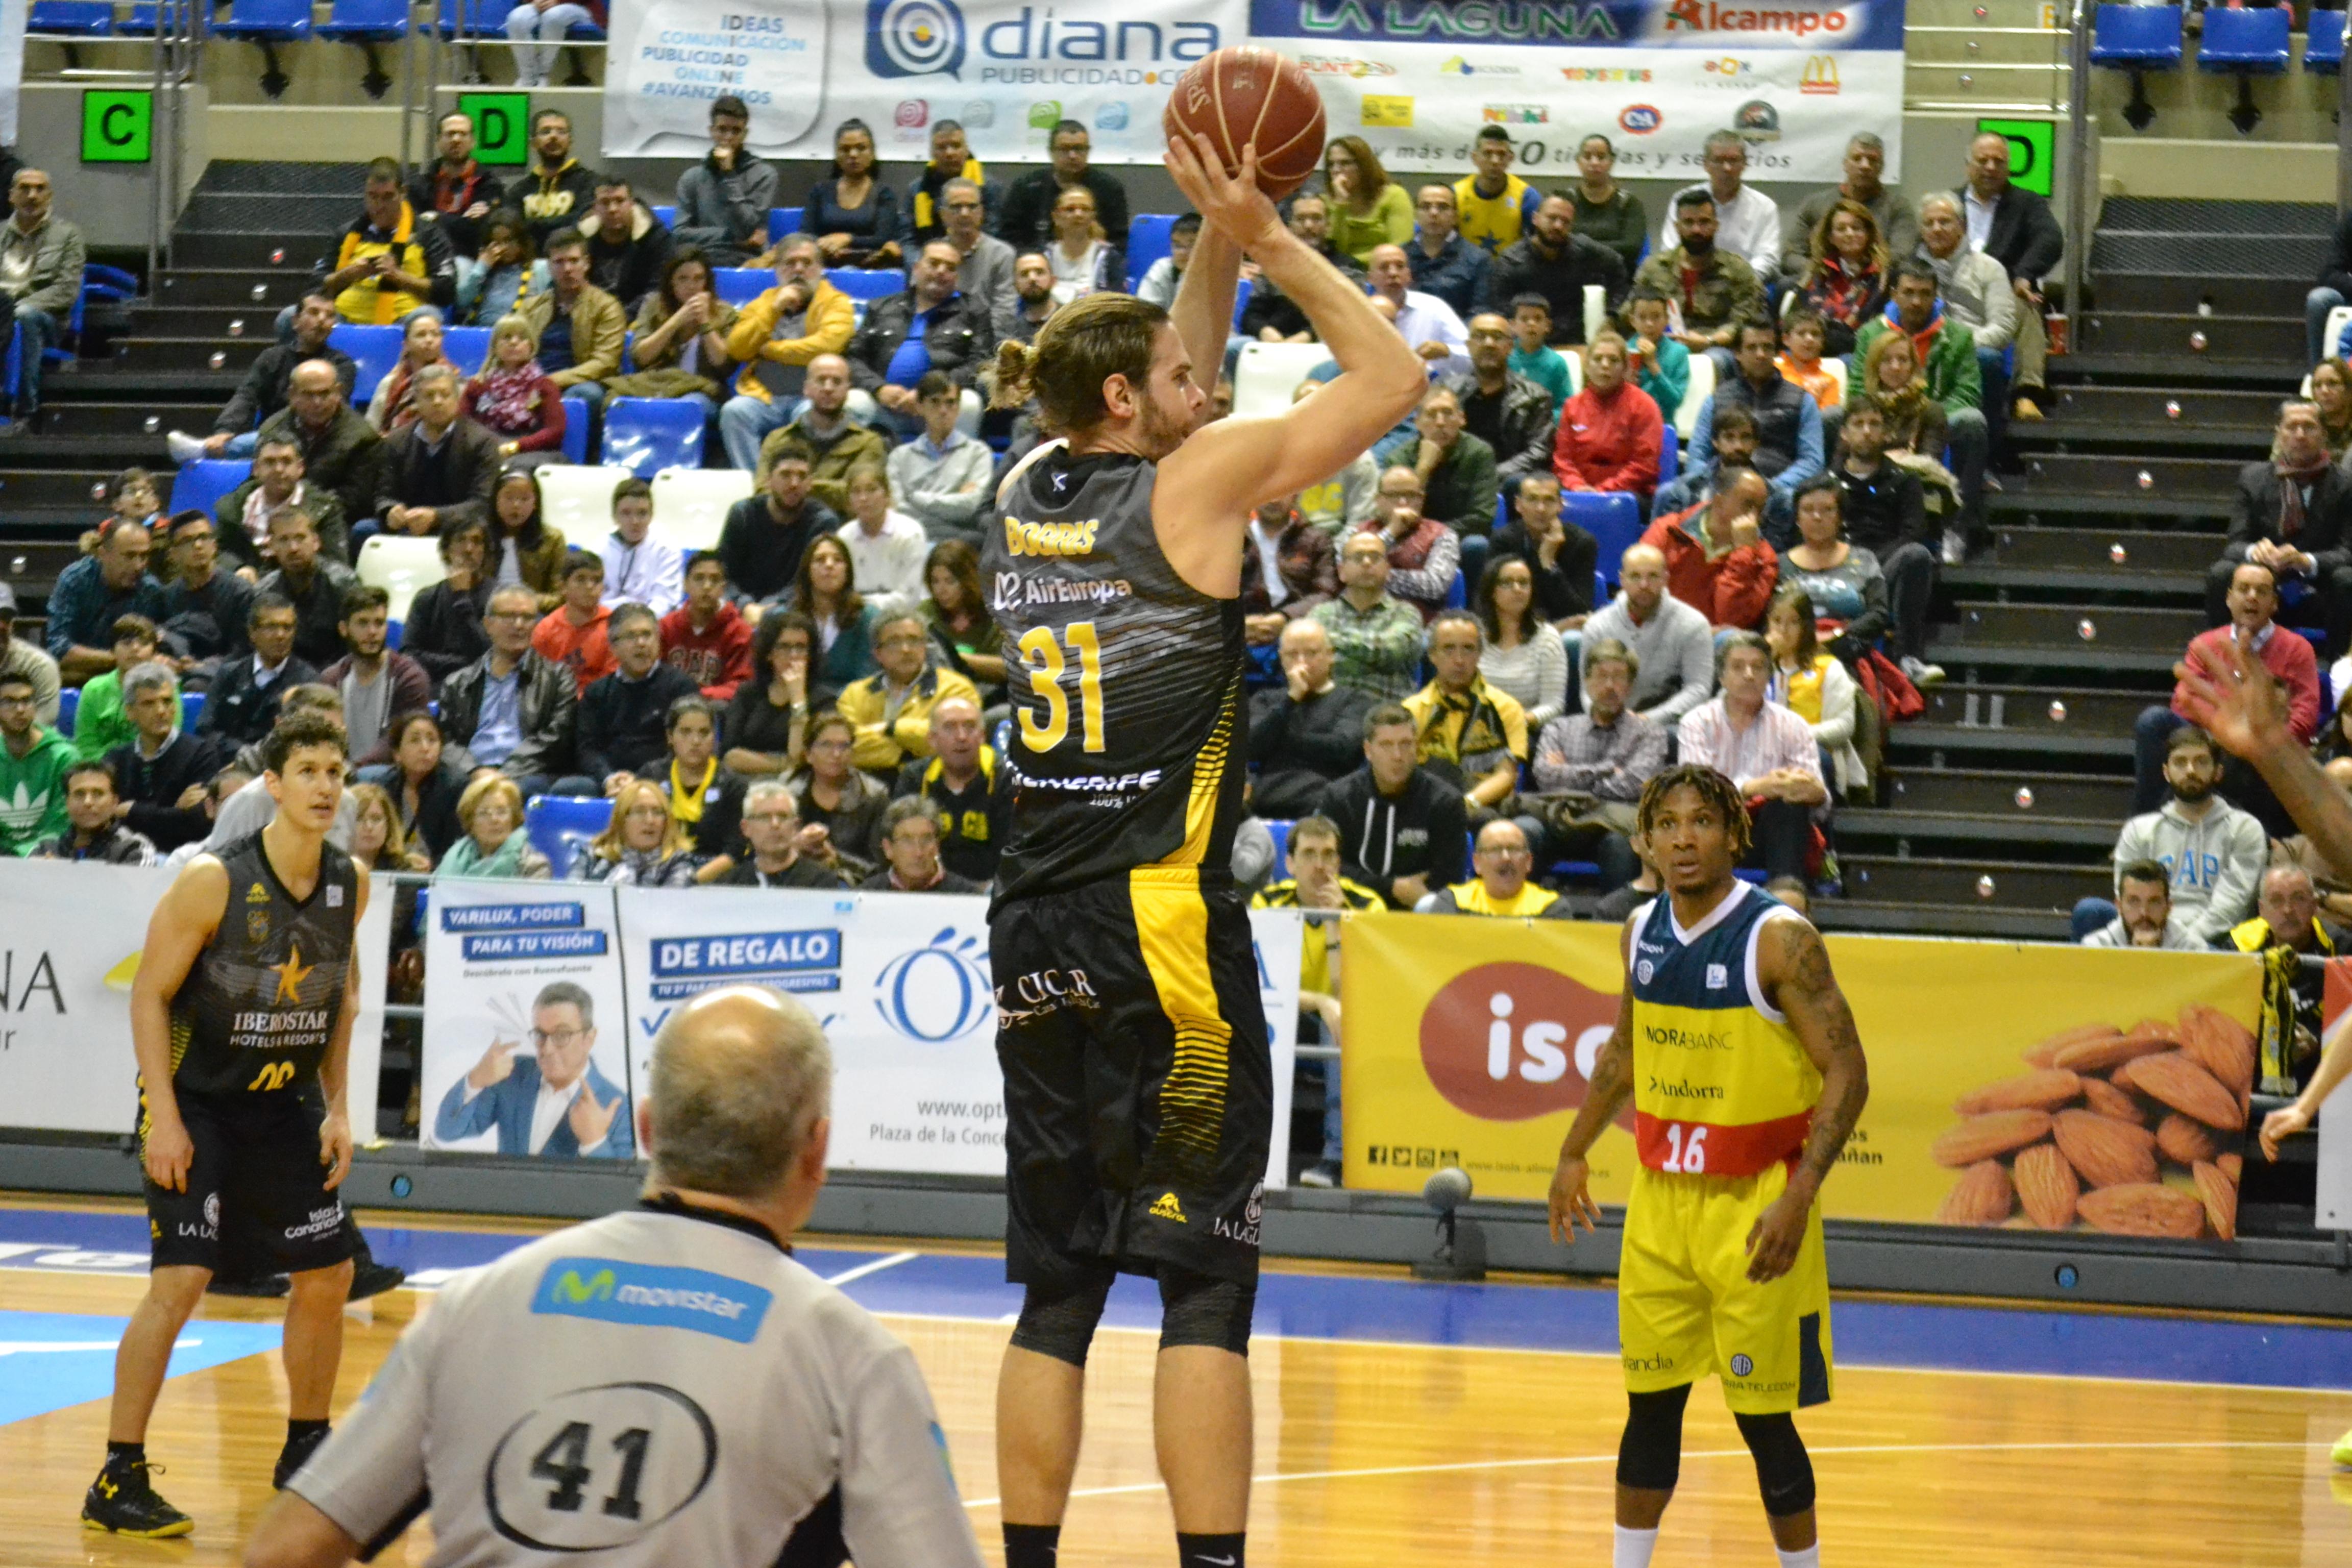 Bogris lanza a canasta ante su ex equipo Andorra / ACB Photo